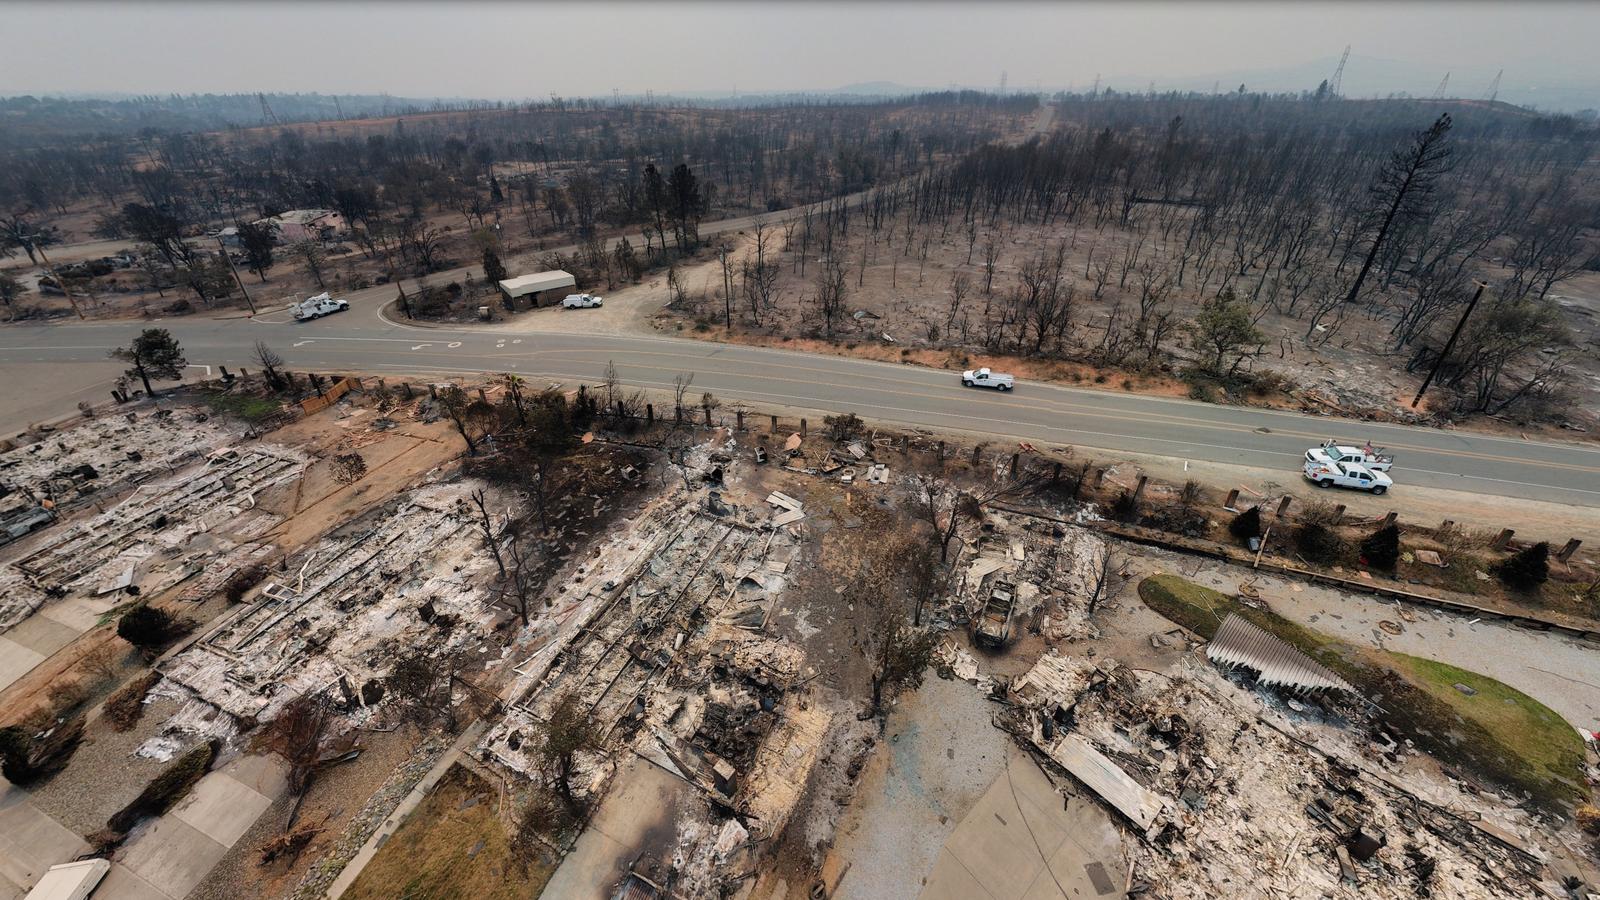 Aerial Photos Reveal The True Horror Of The California Carr Fire